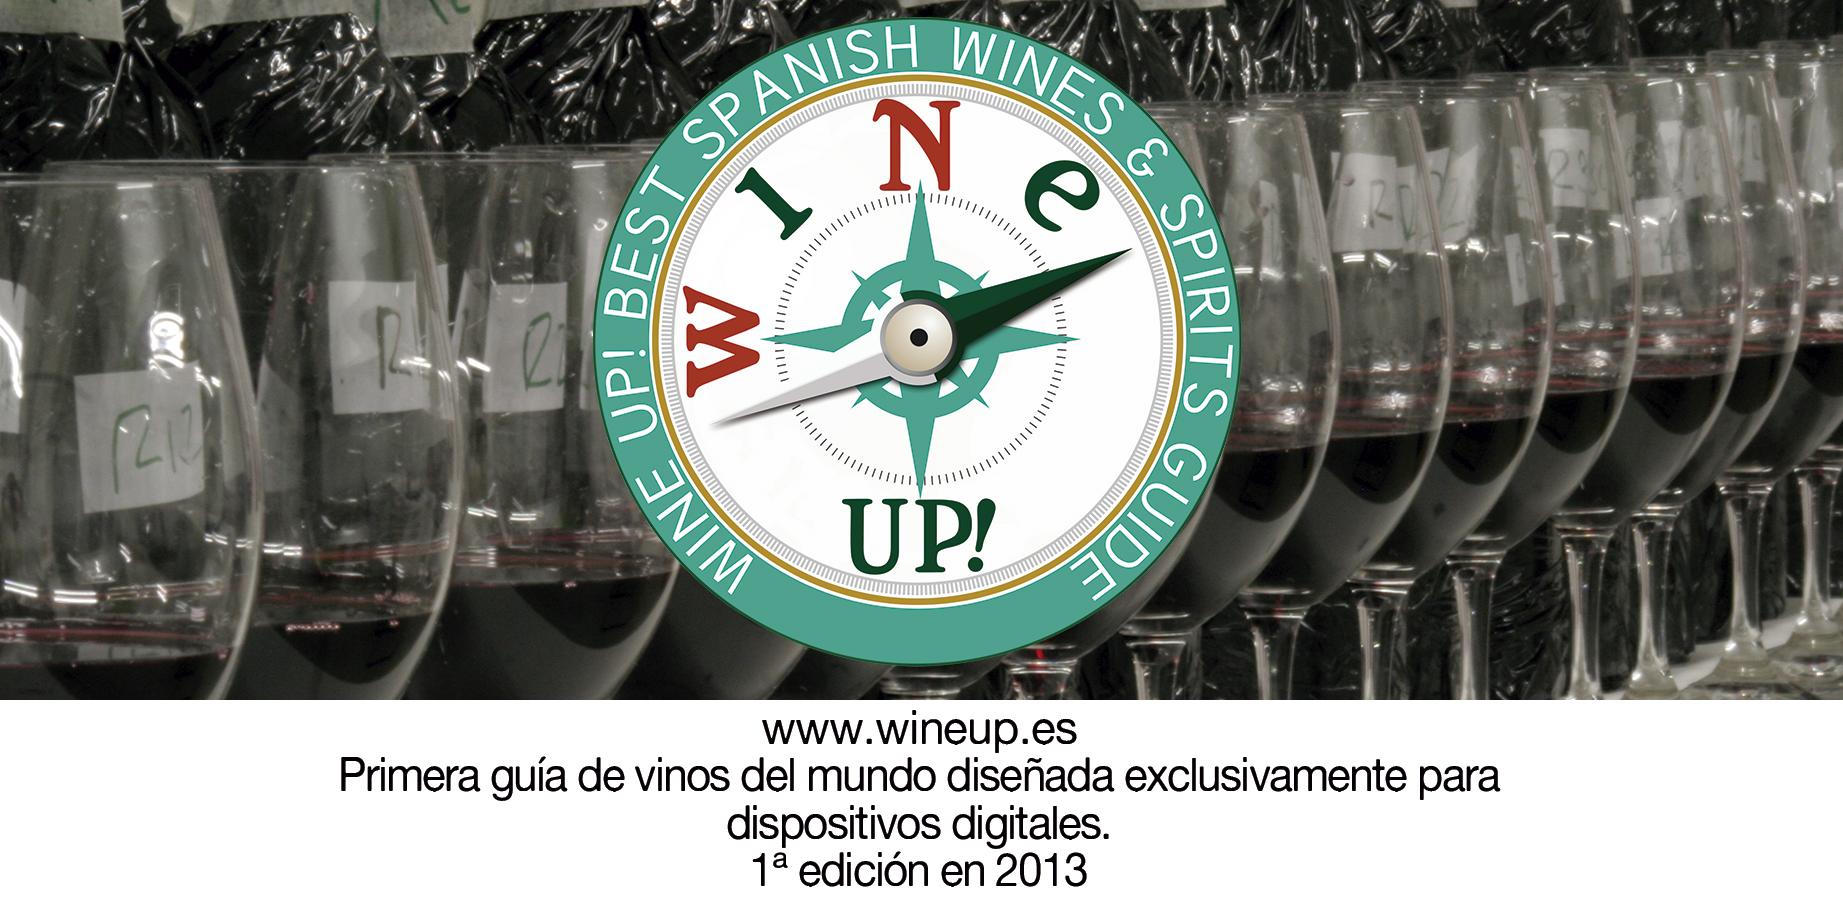 PUBLICIDAD-guia-wine-up